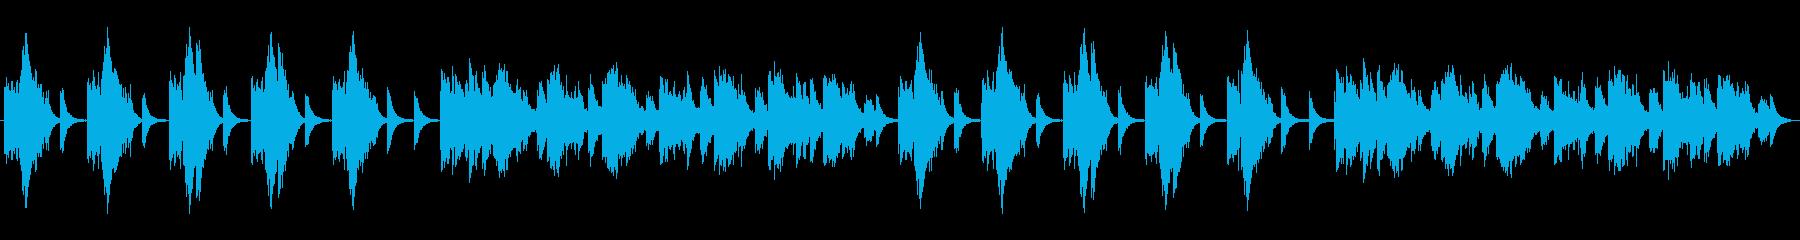 和楽器の不思議で怪しいイメージの美しい曲の再生済みの波形